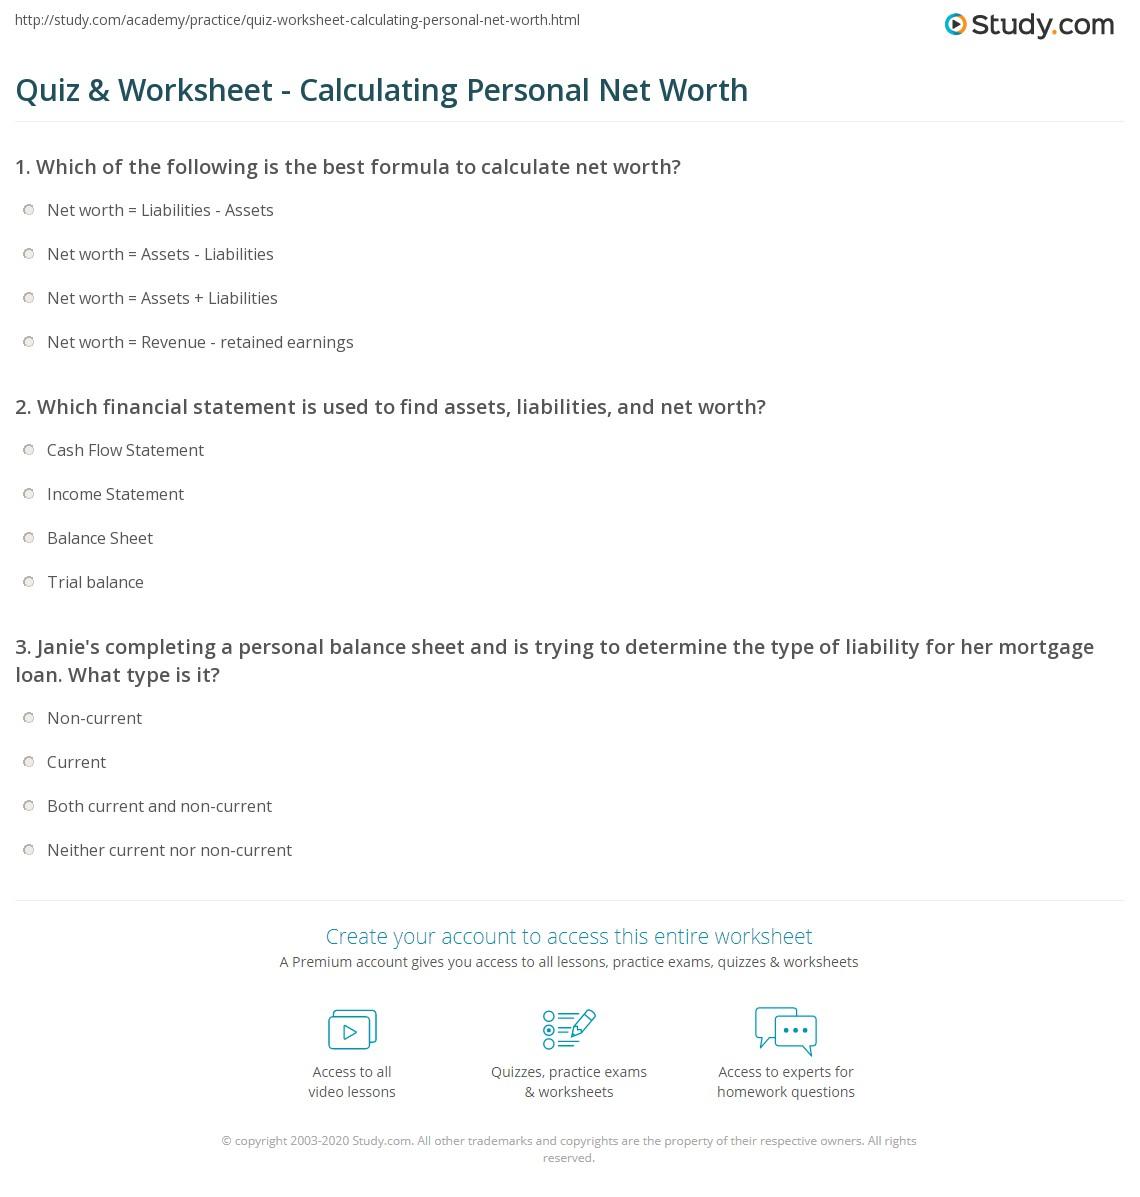 Quiz W Ksheet C Lcul T G Pers L W Th Study